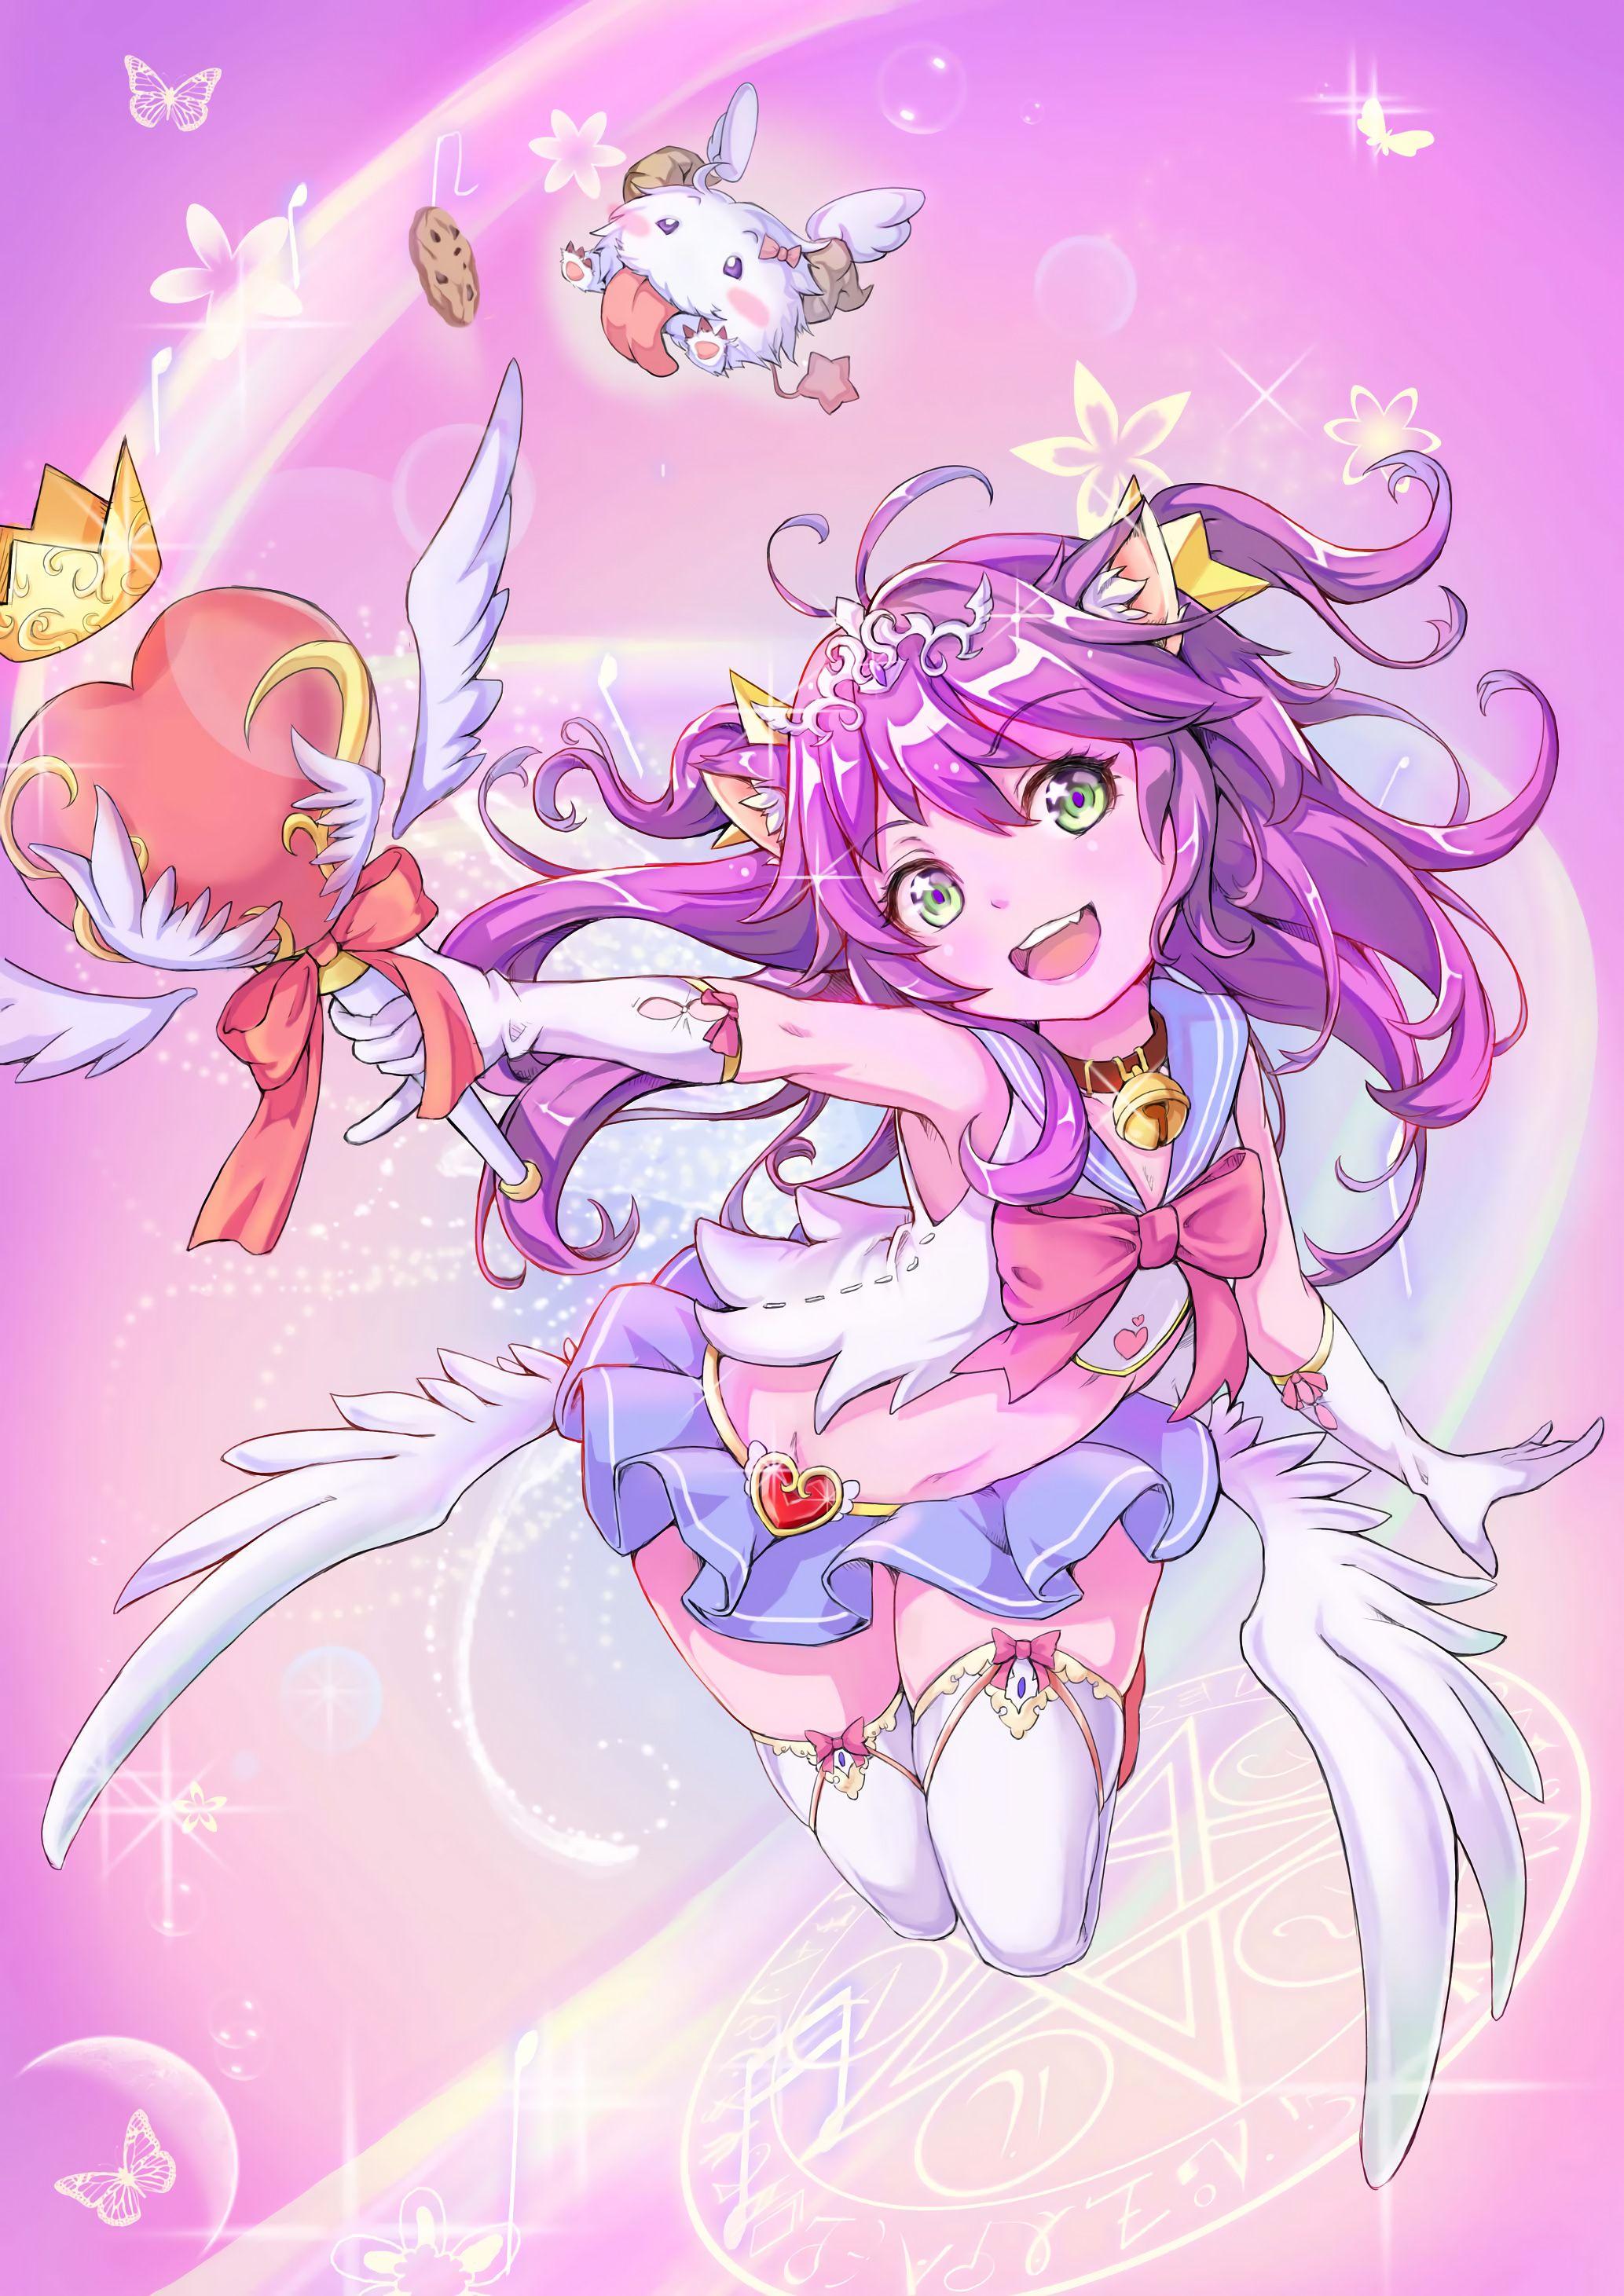 Star Guardian Lulu by CeNanGam HD Wallpaper Background Fan Art Artwork League of Legends lol